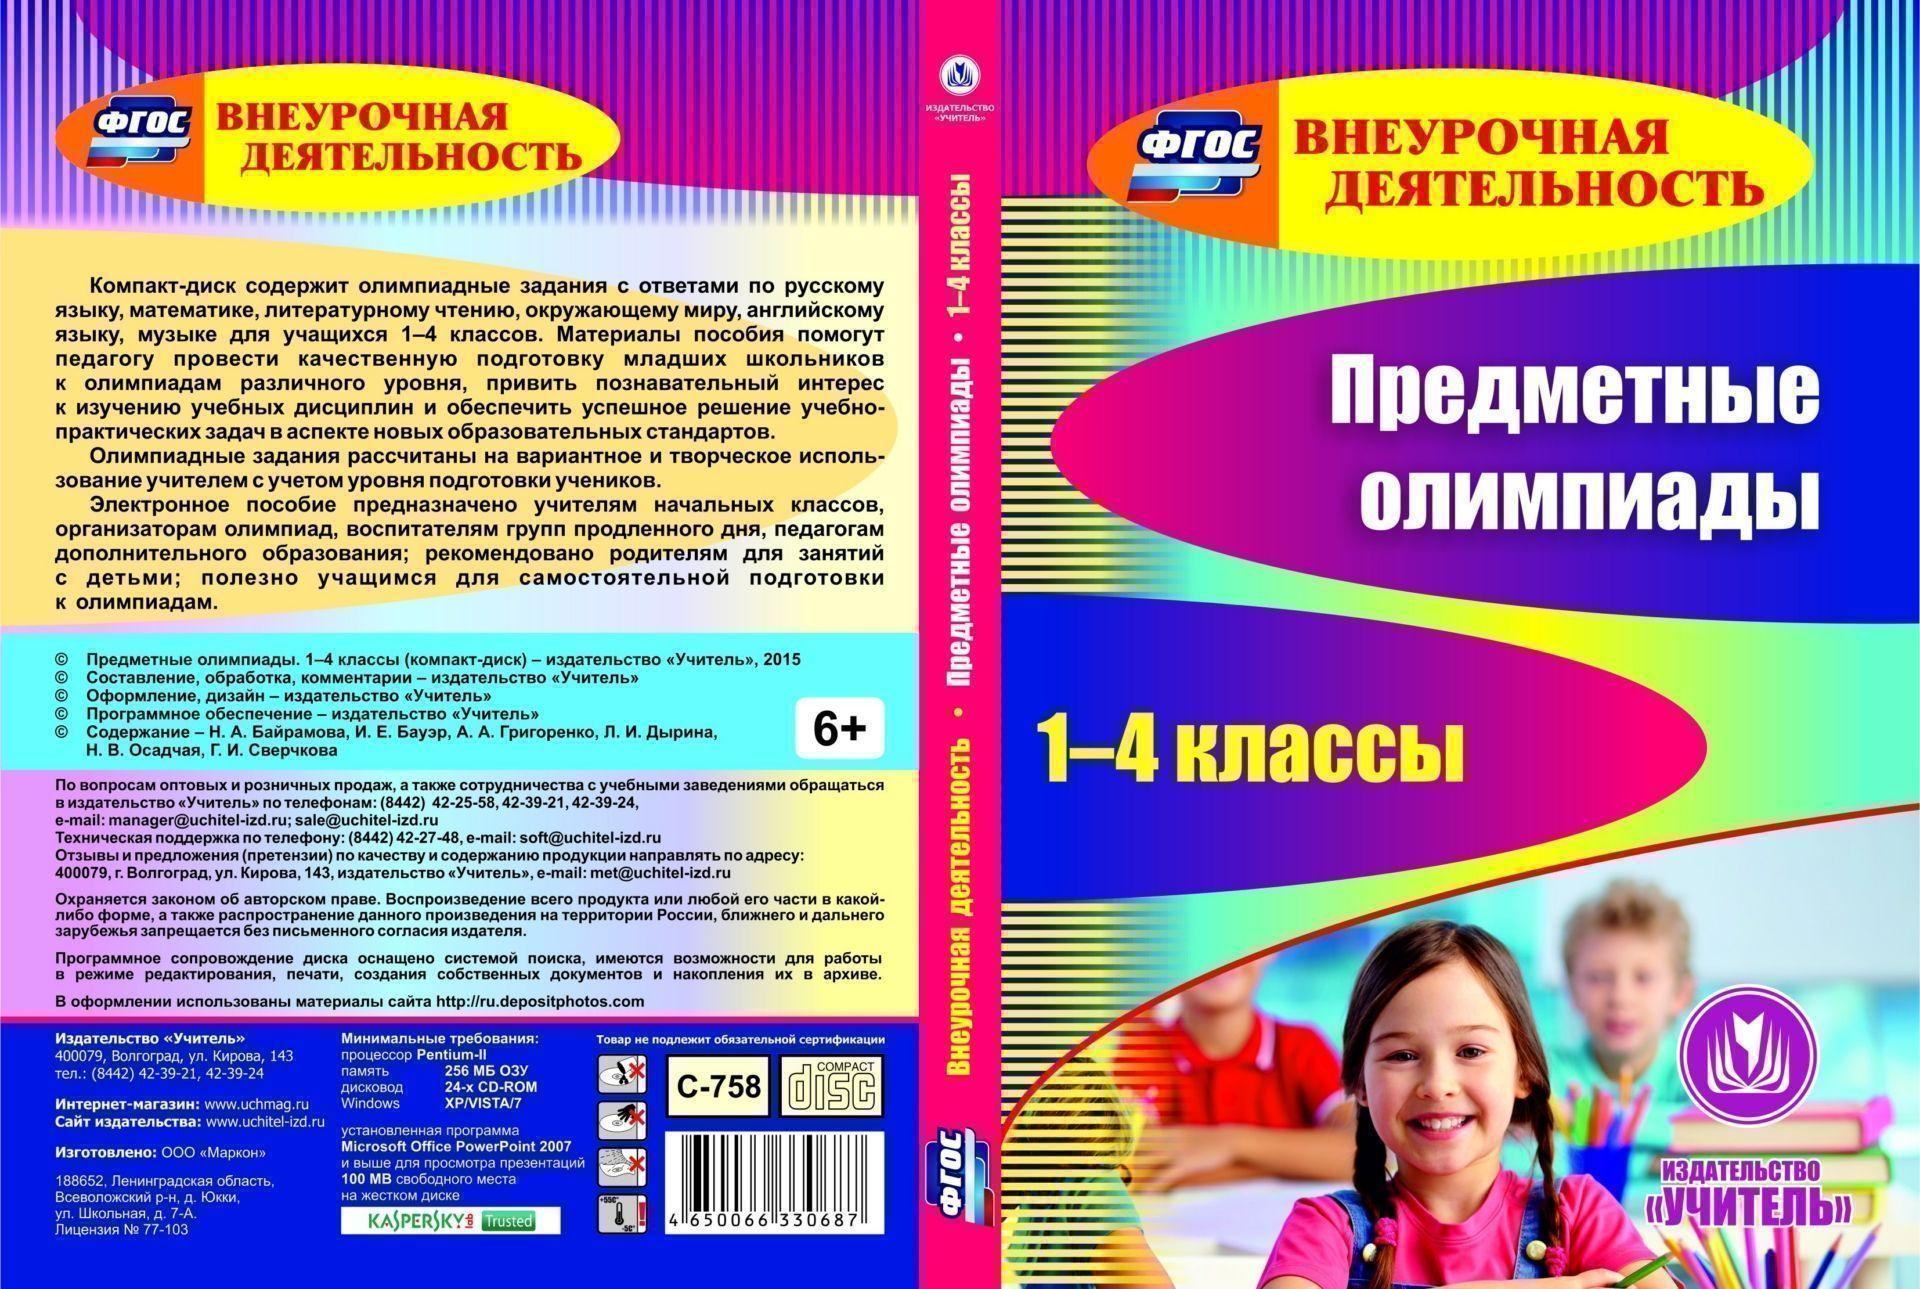 Предметные олимпиады. 1-4 классы. Компакт-диск для компьютераПредметы<br>Компакт-диск Предметные олимпиады. 1-4 классы серии ФГОС. Внеурочная деятельность содержит олимпиадные задания с ответами для учащихся 1-4 классов по русскому языку, математике, литературному чтению, окружающему миру, английскому языку, музыке. Олимпи...<br><br>Авторы: Сверчкова Г. И., Осадчая Н. В., Григоренко А. А., Бауэр И. Е., Байрамова Н.А., Дырина Л.И.<br>Год: 2017<br>Серия: ФГОС. Внеурочная деятельность<br>Высота: 190<br>Ширина: 135<br>Толщина: 12